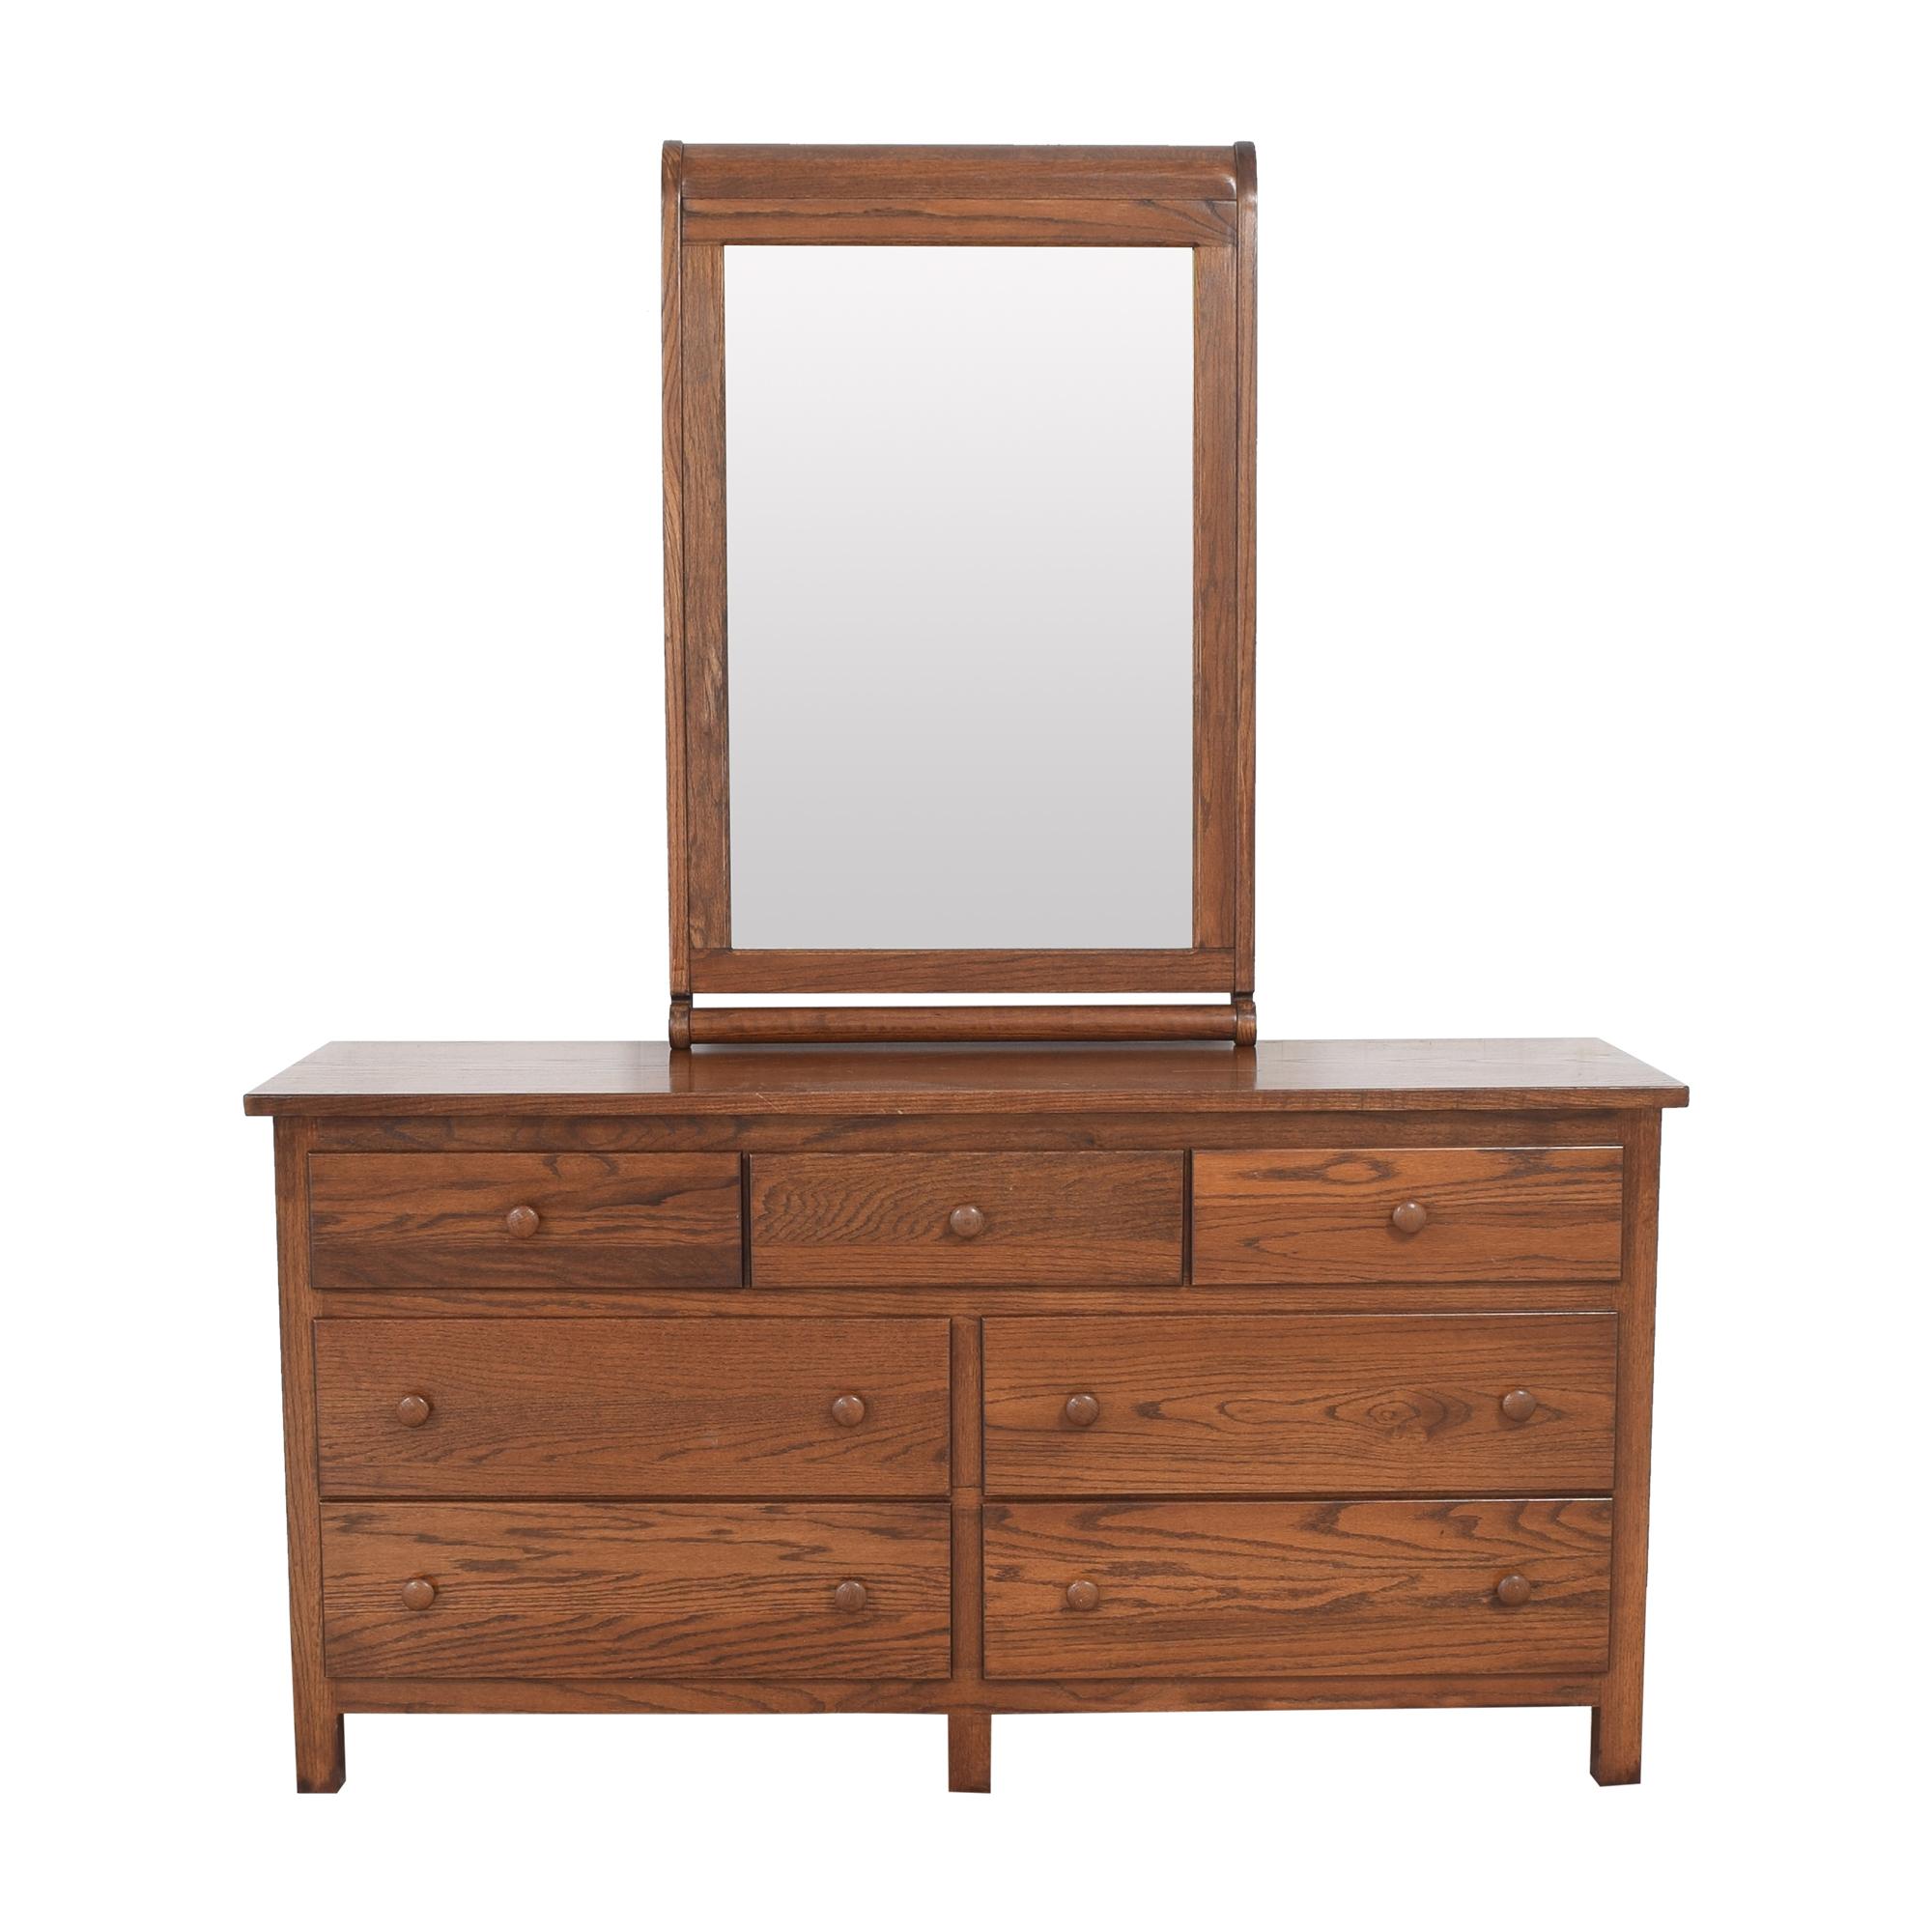 shop Baby's Dream Dresser with Mirror Baby's Dream Storage